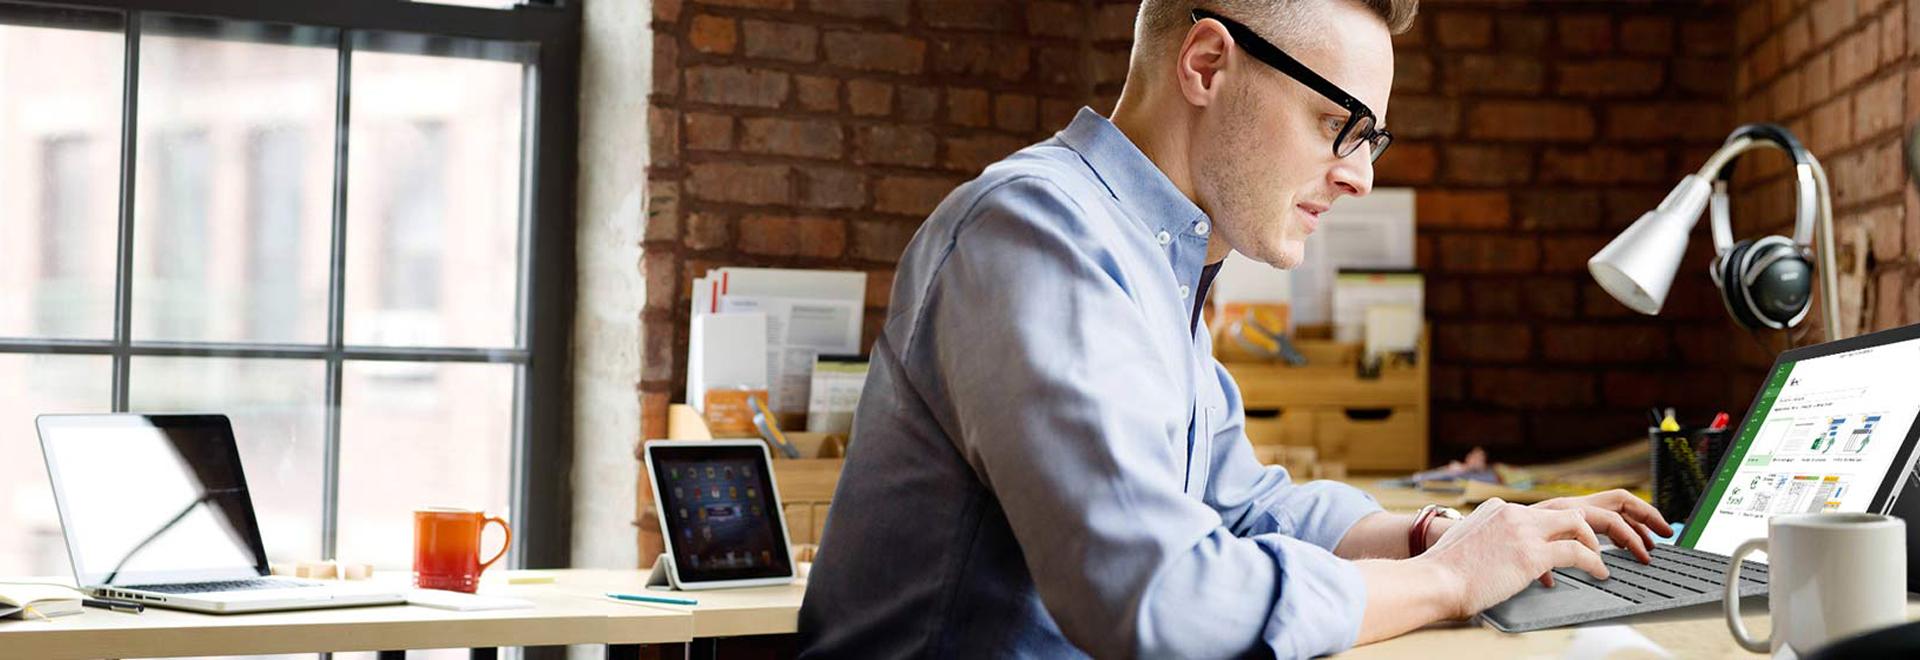 Ein Mann an einem Schreibtisch bei der Arbeit mit einem Surface-Tablet, auf dem Microsoft Project angezeigt wird